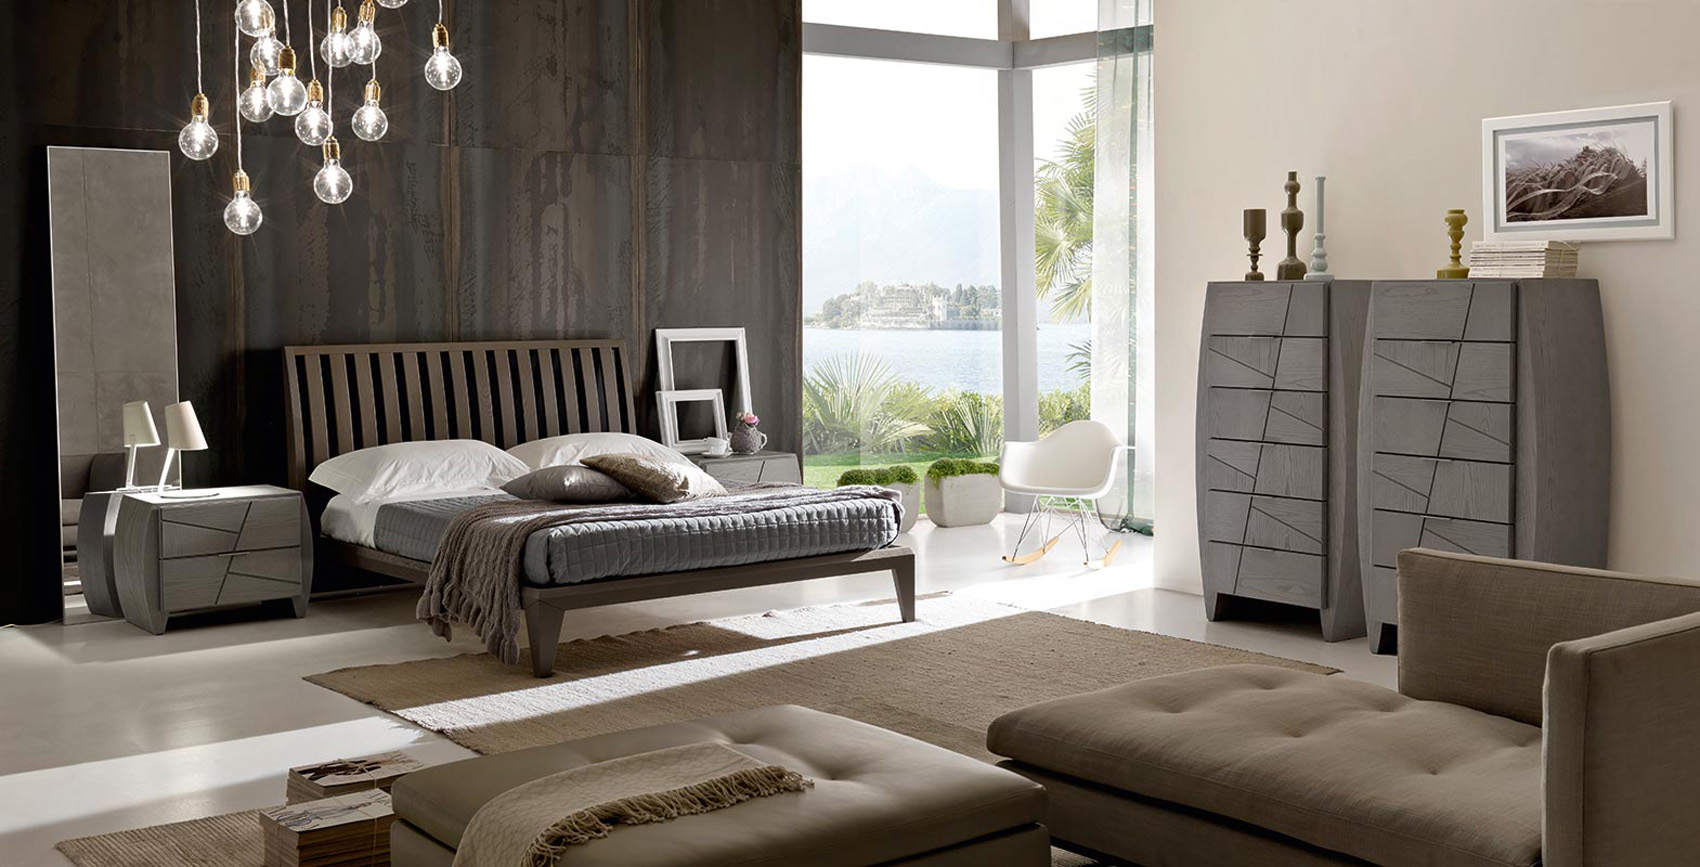 Tende Per Camera Da Letto Shabby : Camere da letto shabby moderno camere da letto shabby chic mondo